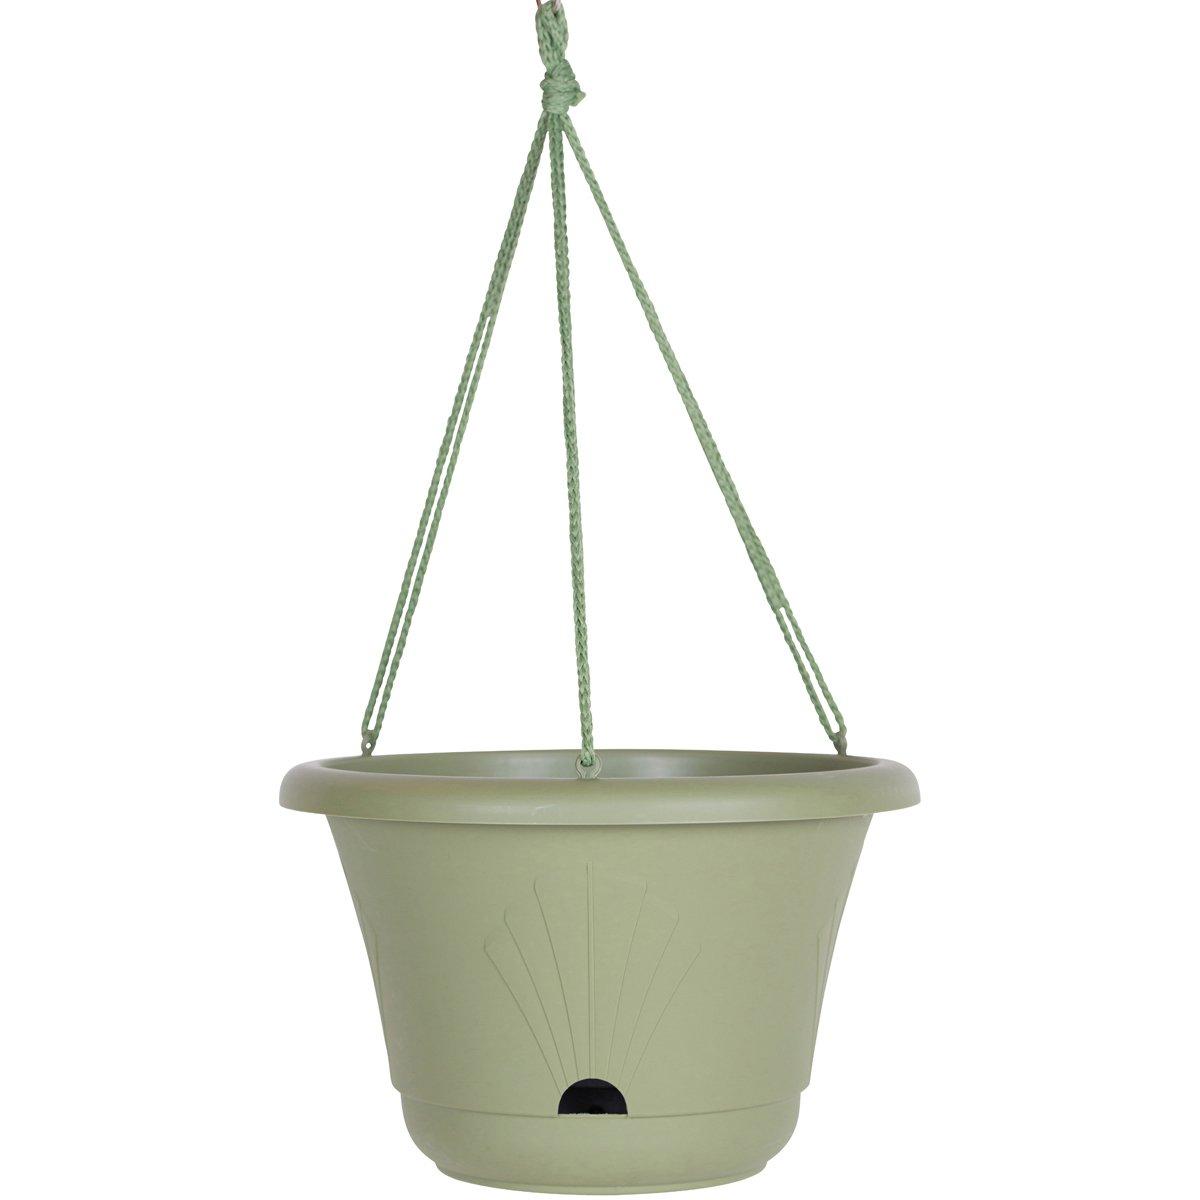 Living Green LHB1342 Bloem Lucca Self Watering Hanging Basket 13